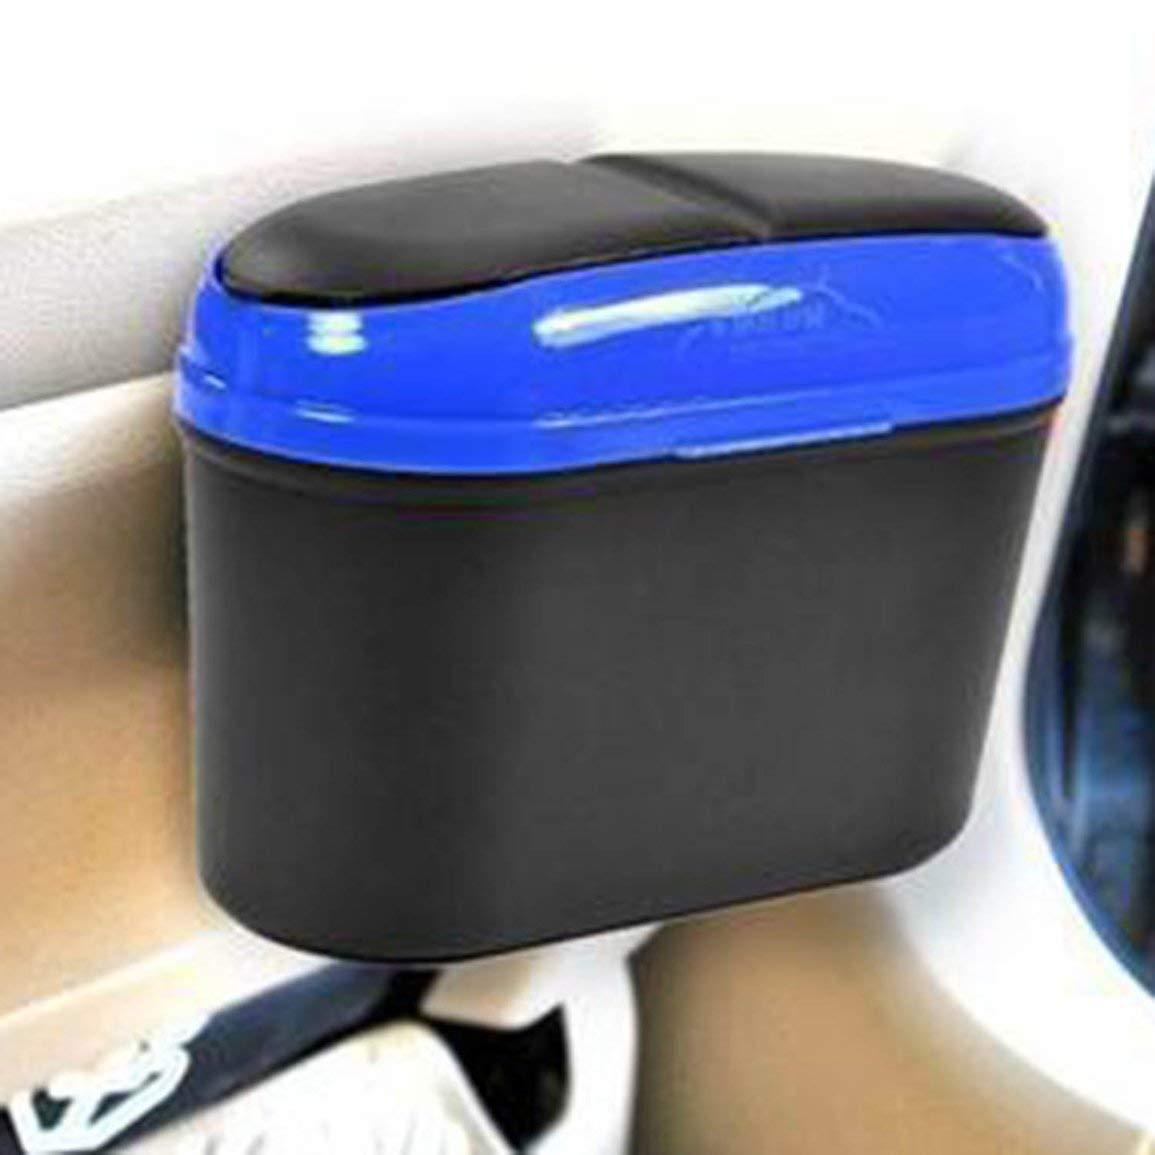 Los nuevos Accesorios Coches de Basura Plegable port/átil Mini Basura Coche Coche Puede Malo Auto Papelera de Basura con Gancho